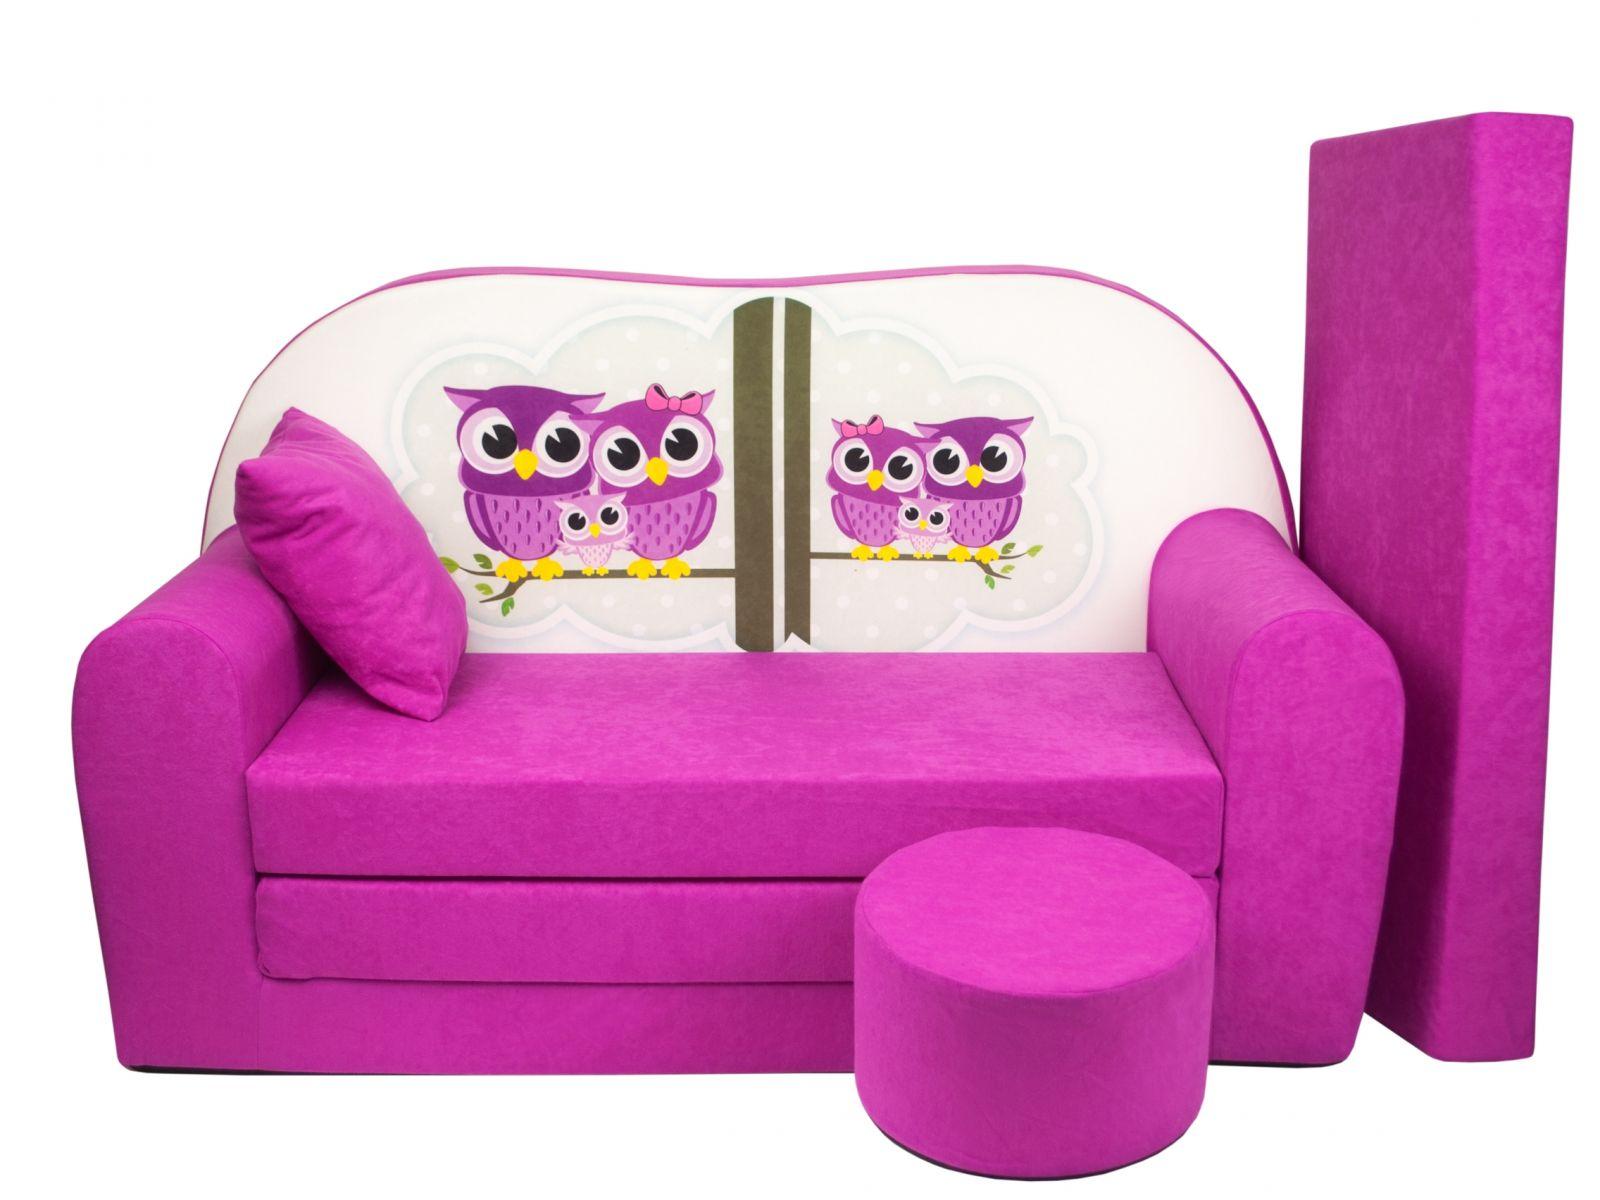 Fimex Dětská rozkládací pohovka + taburet Sovy růžová